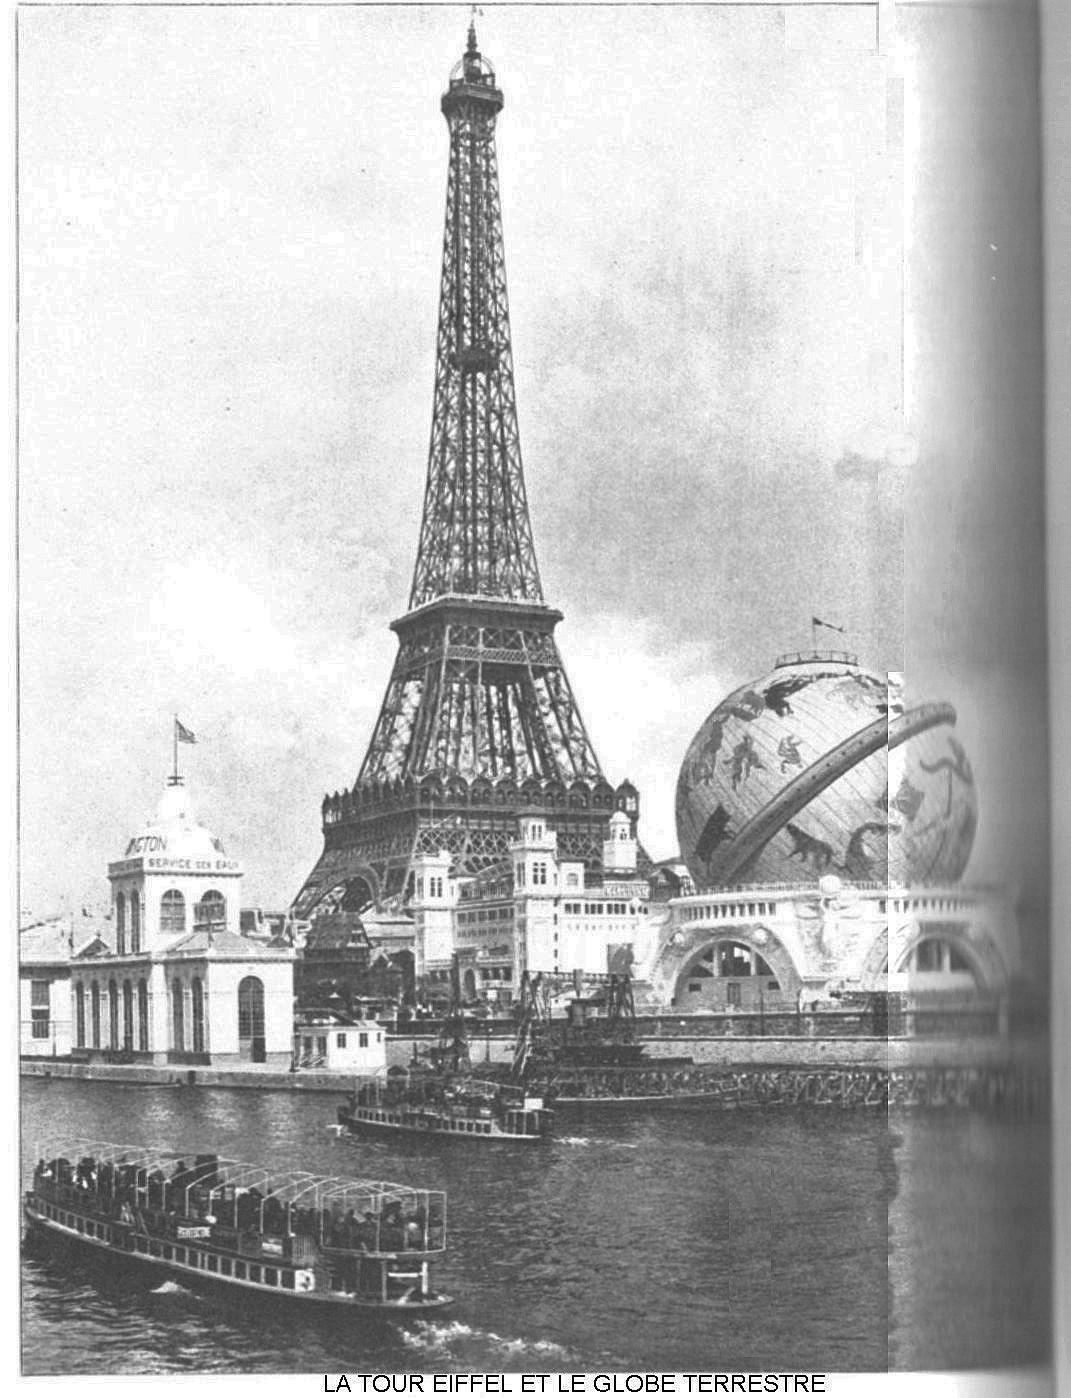 Ressources histoire exposition universelle 1900 la tour eiffel et le globe terrestre